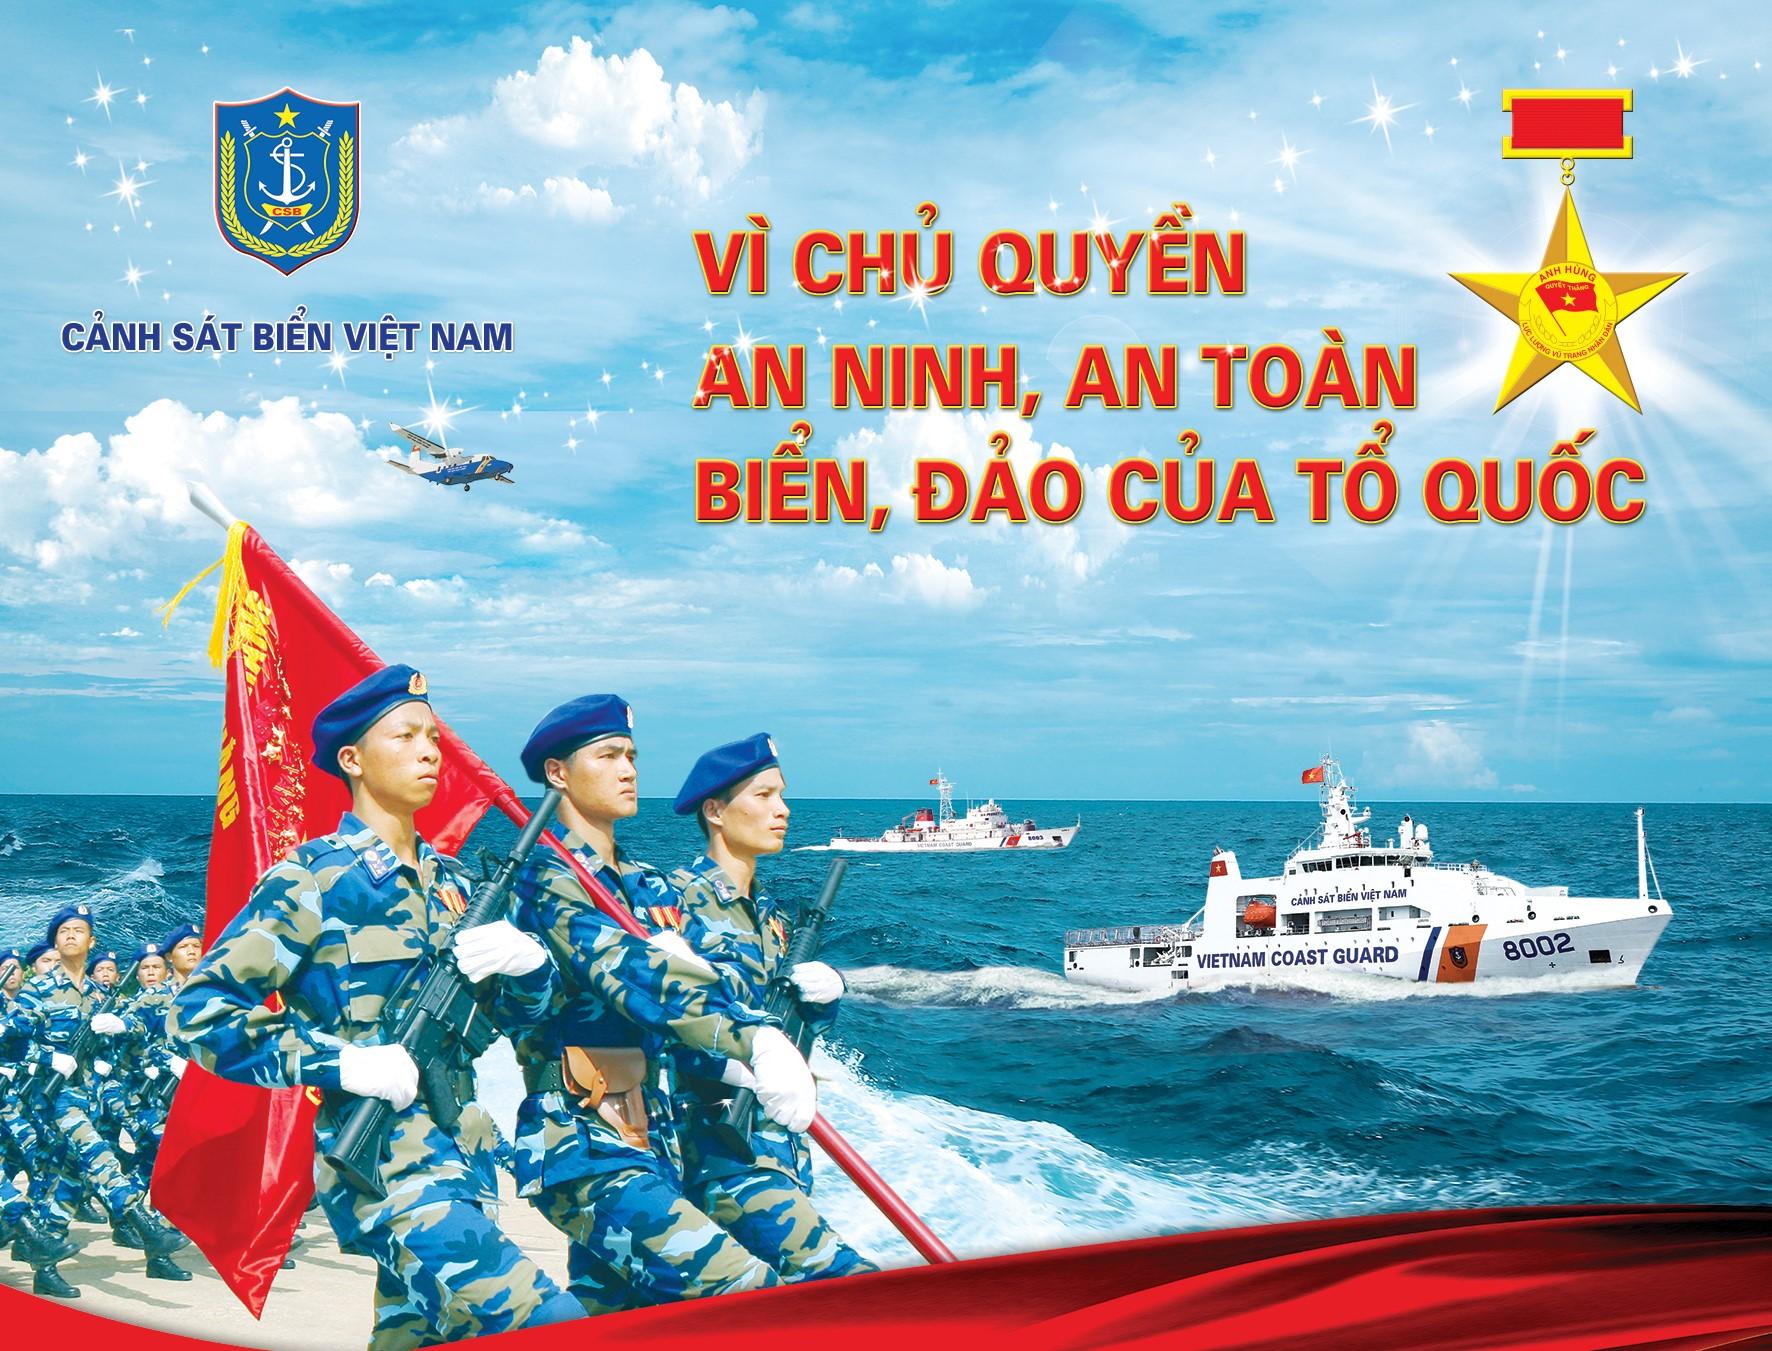 Ban hành Kế hoạch triển khai thực hiện Đề án tuyên truyền, phổ biến Luật Cảnh sát biển Việt Nam giai đoạn 2019-2023